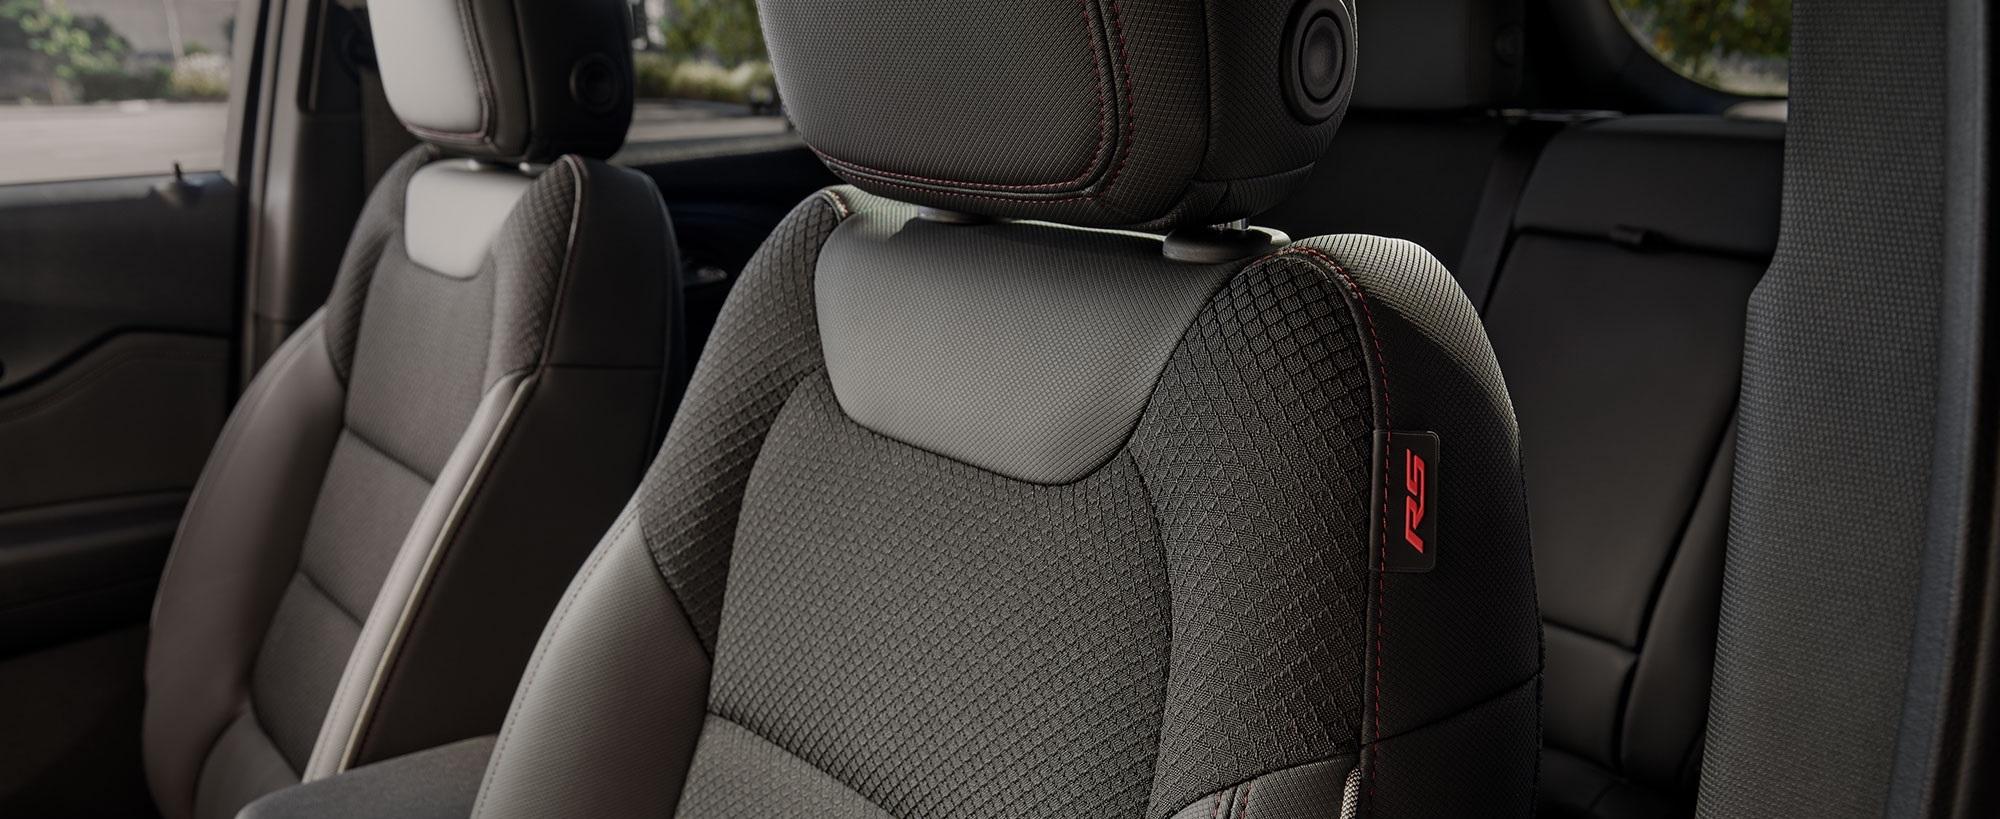 2021 Chevrolet Trailblazer Seating